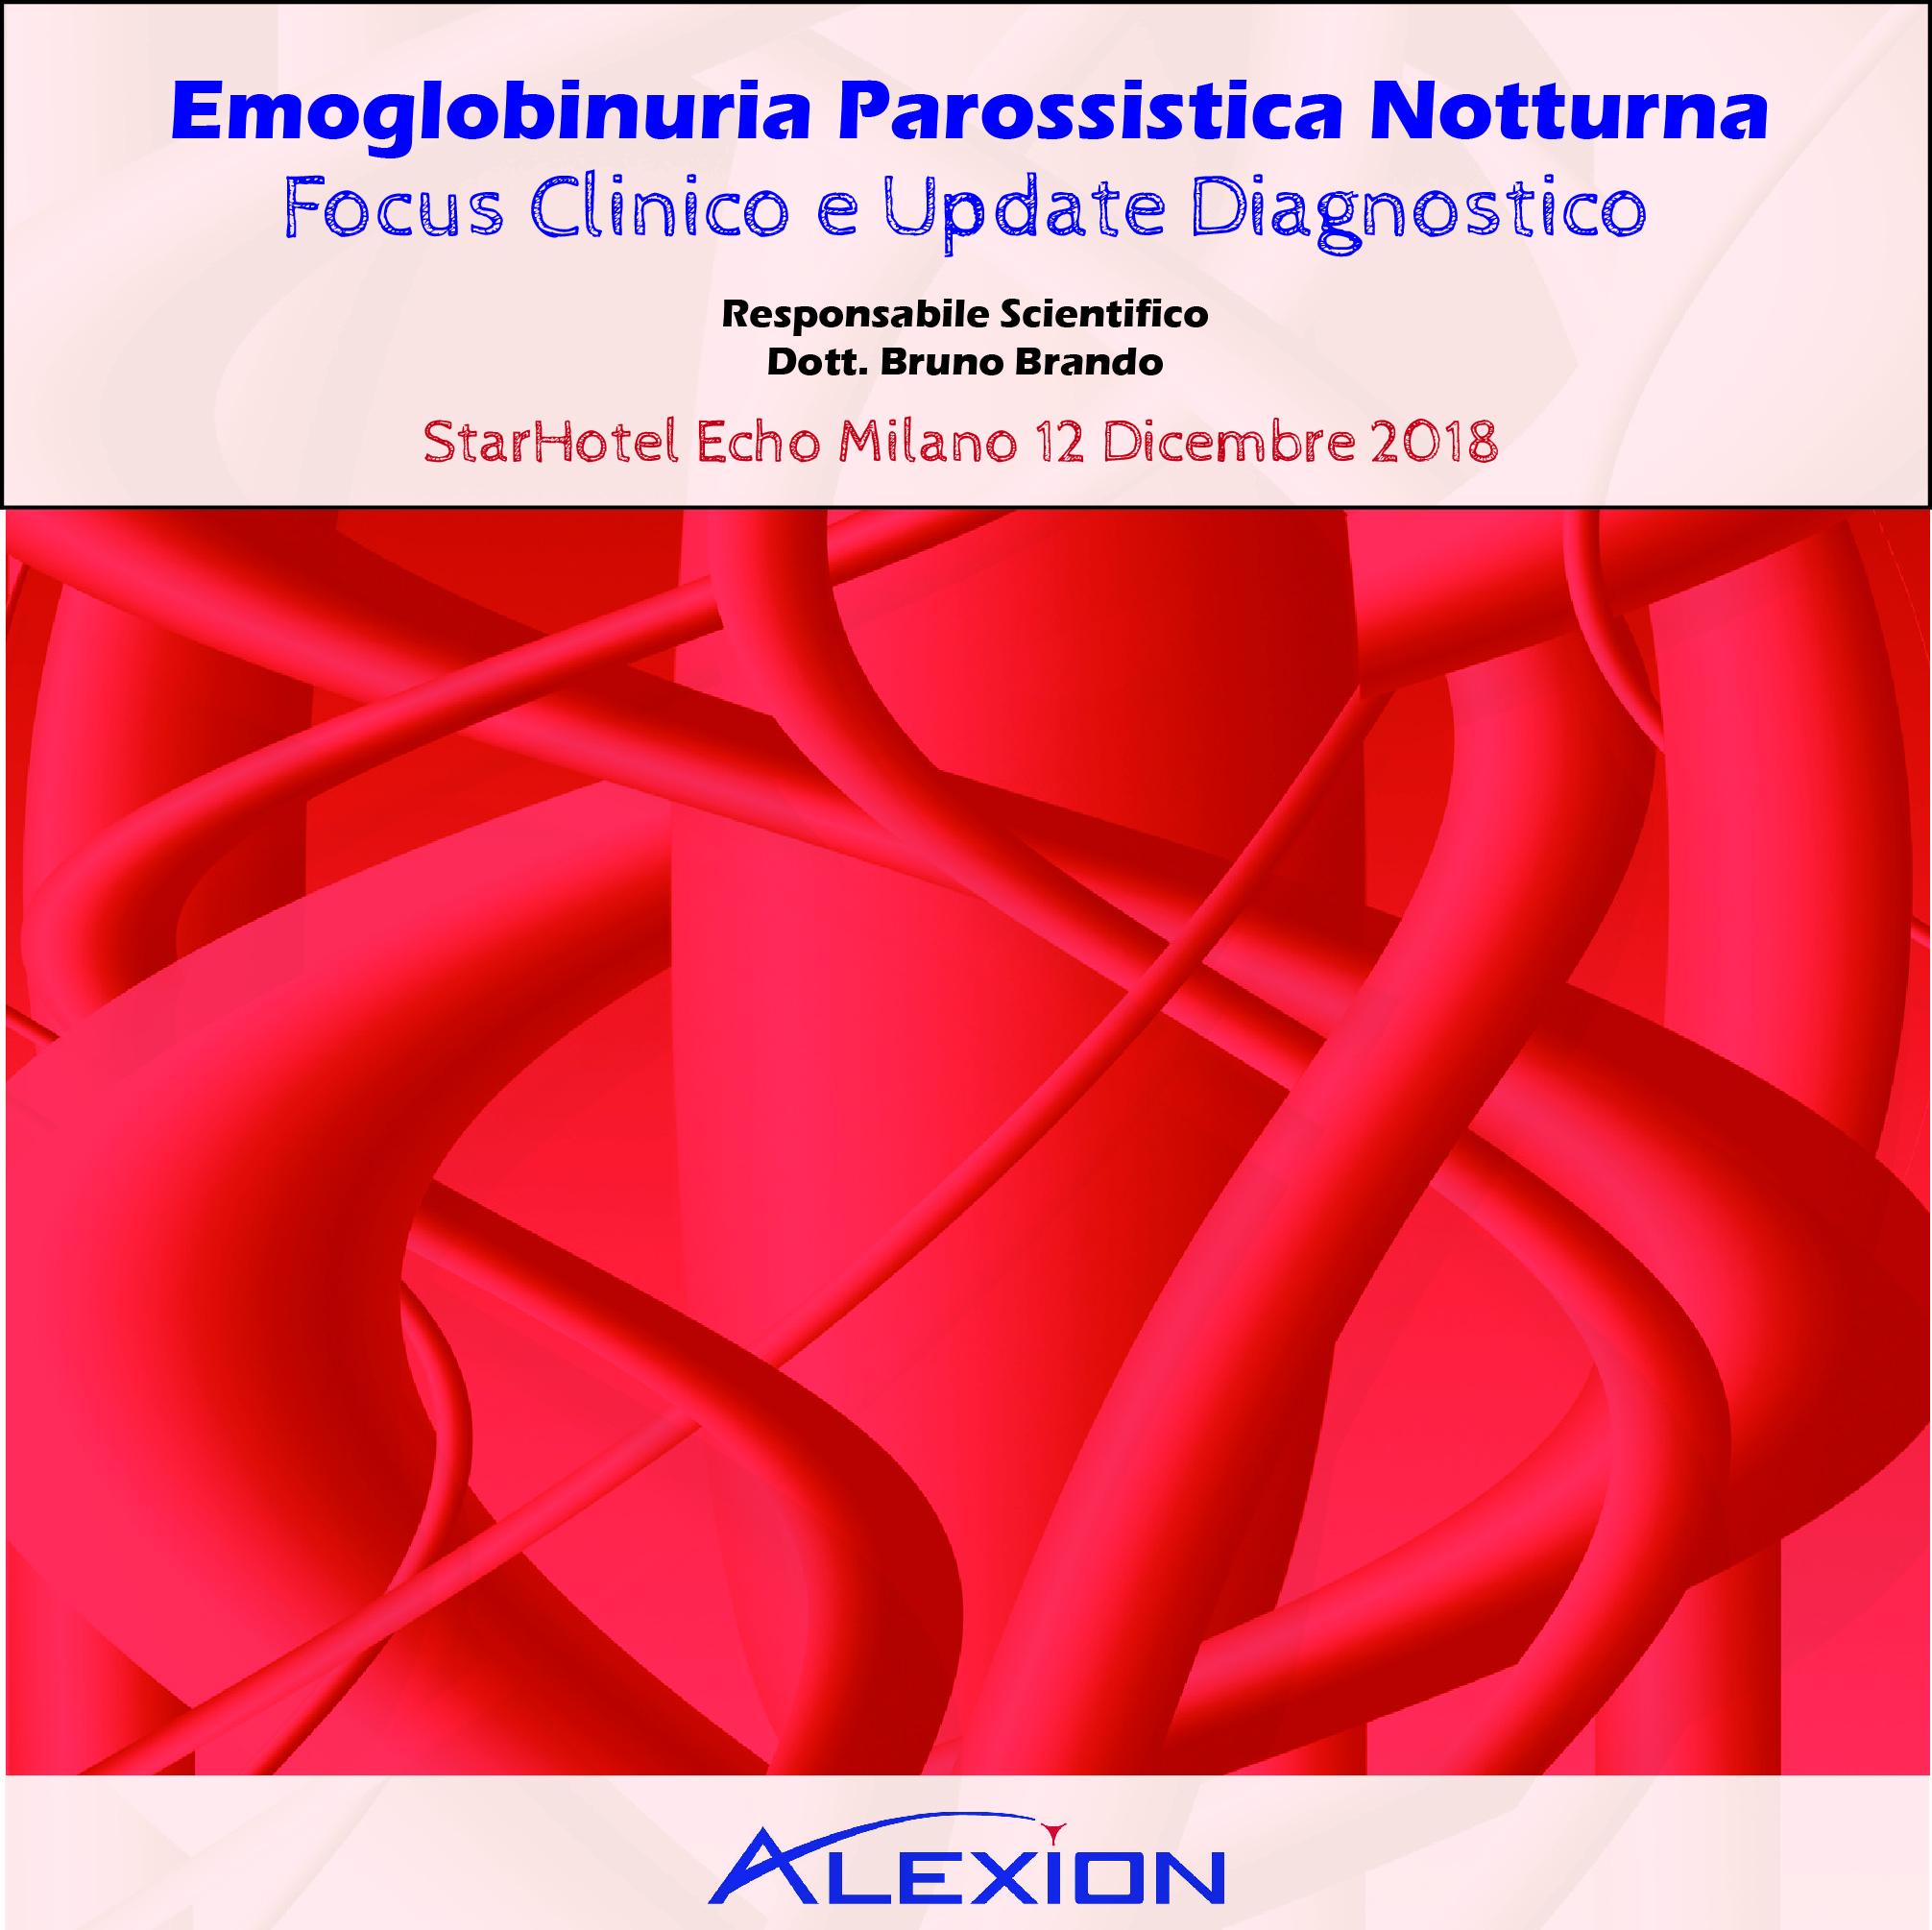 EMOGLOBINURIA PAROSSISTICA NOTTURNA: FOCUS CLINICO E UPDATE DIAGNOSTICO